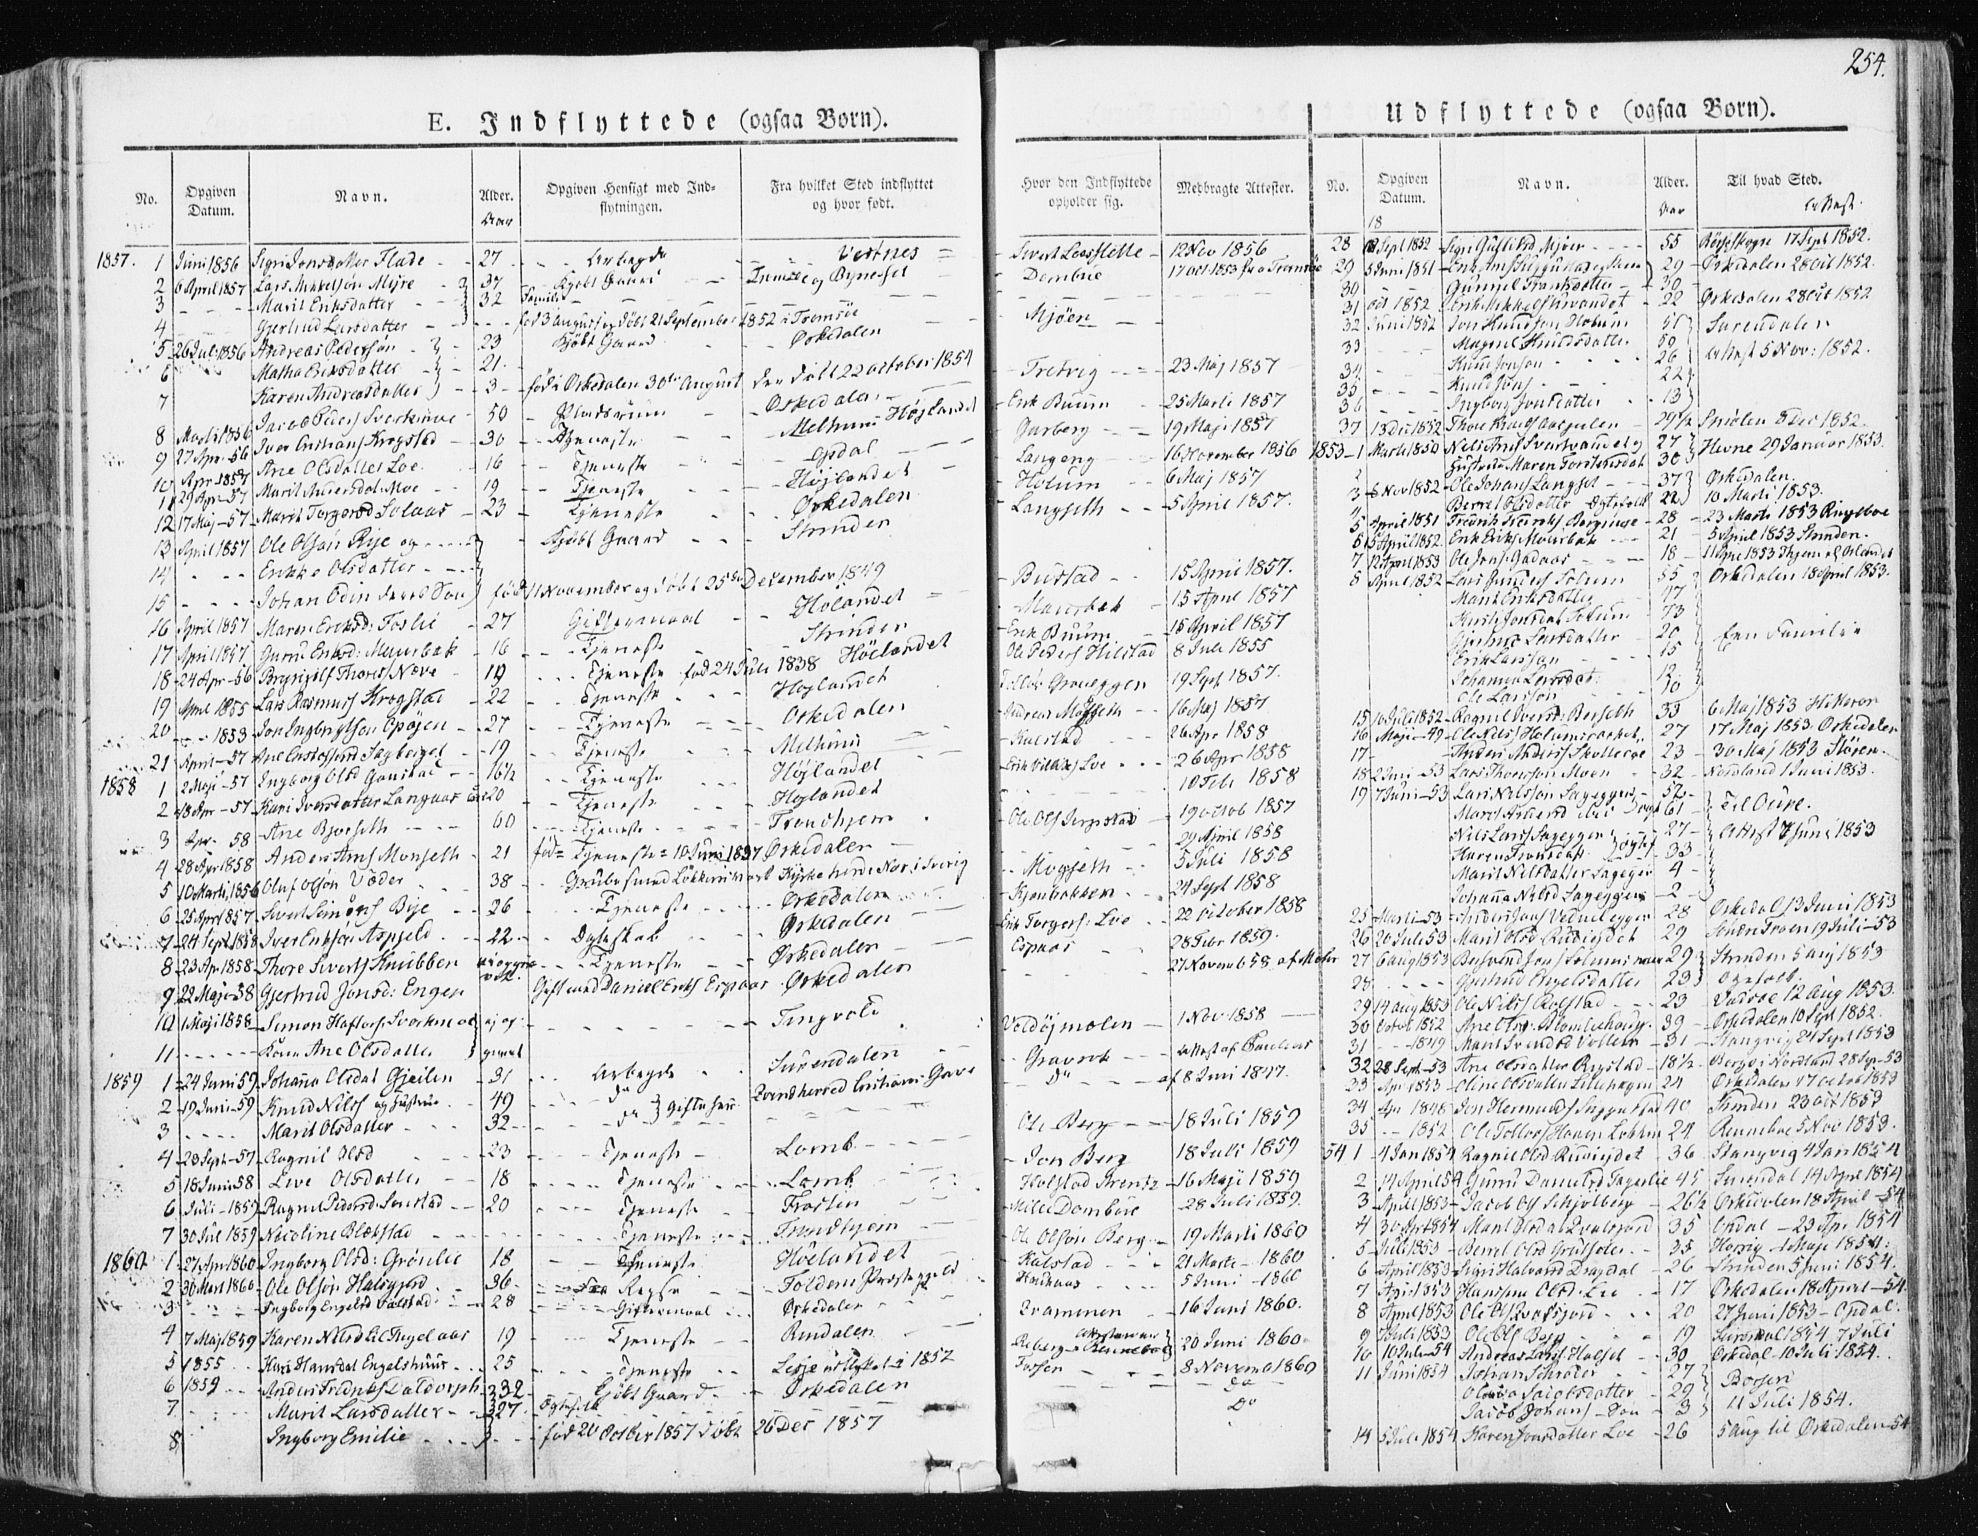 SAT, Ministerialprotokoller, klokkerbøker og fødselsregistre - Sør-Trøndelag, 672/L0855: Ministerialbok nr. 672A07, 1829-1860, s. 254